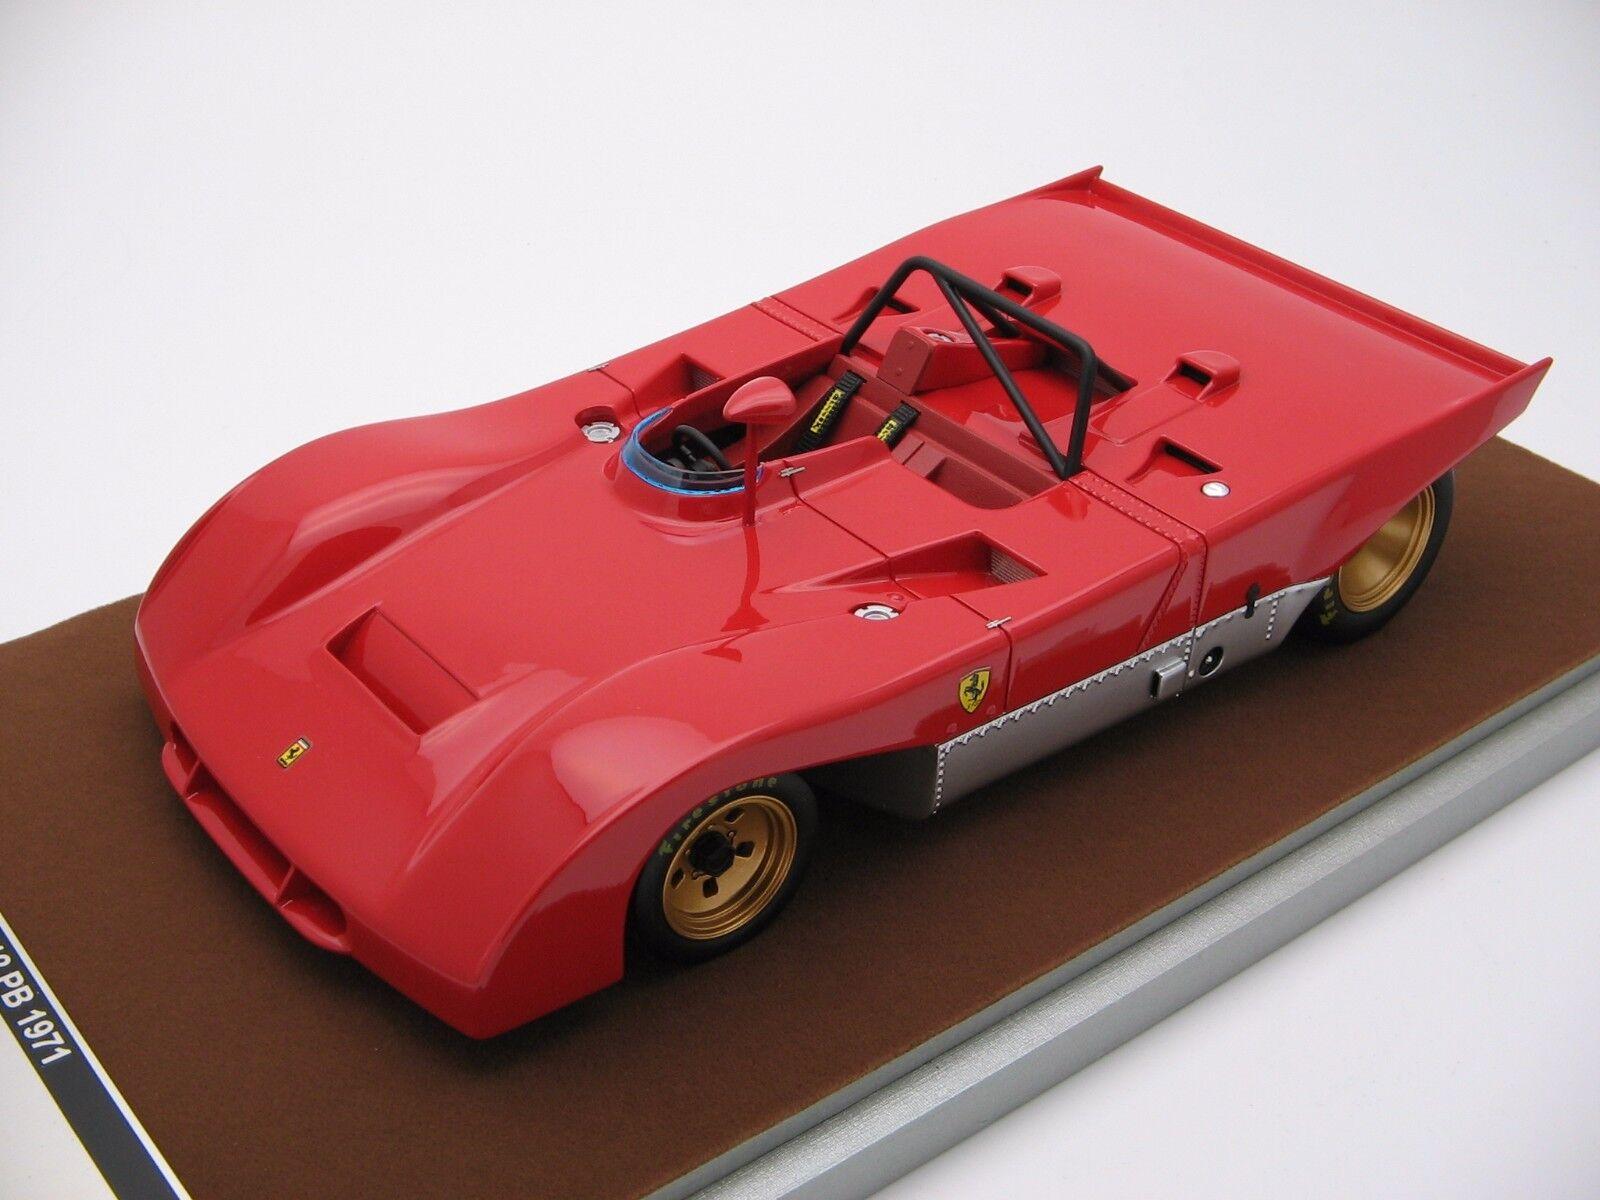 nuovi prodotti novità 1 18 scale Tecnomodellolo Ferrari Ferrari Ferrari 312PB Press 1972 TM18-61A  più preferenziale